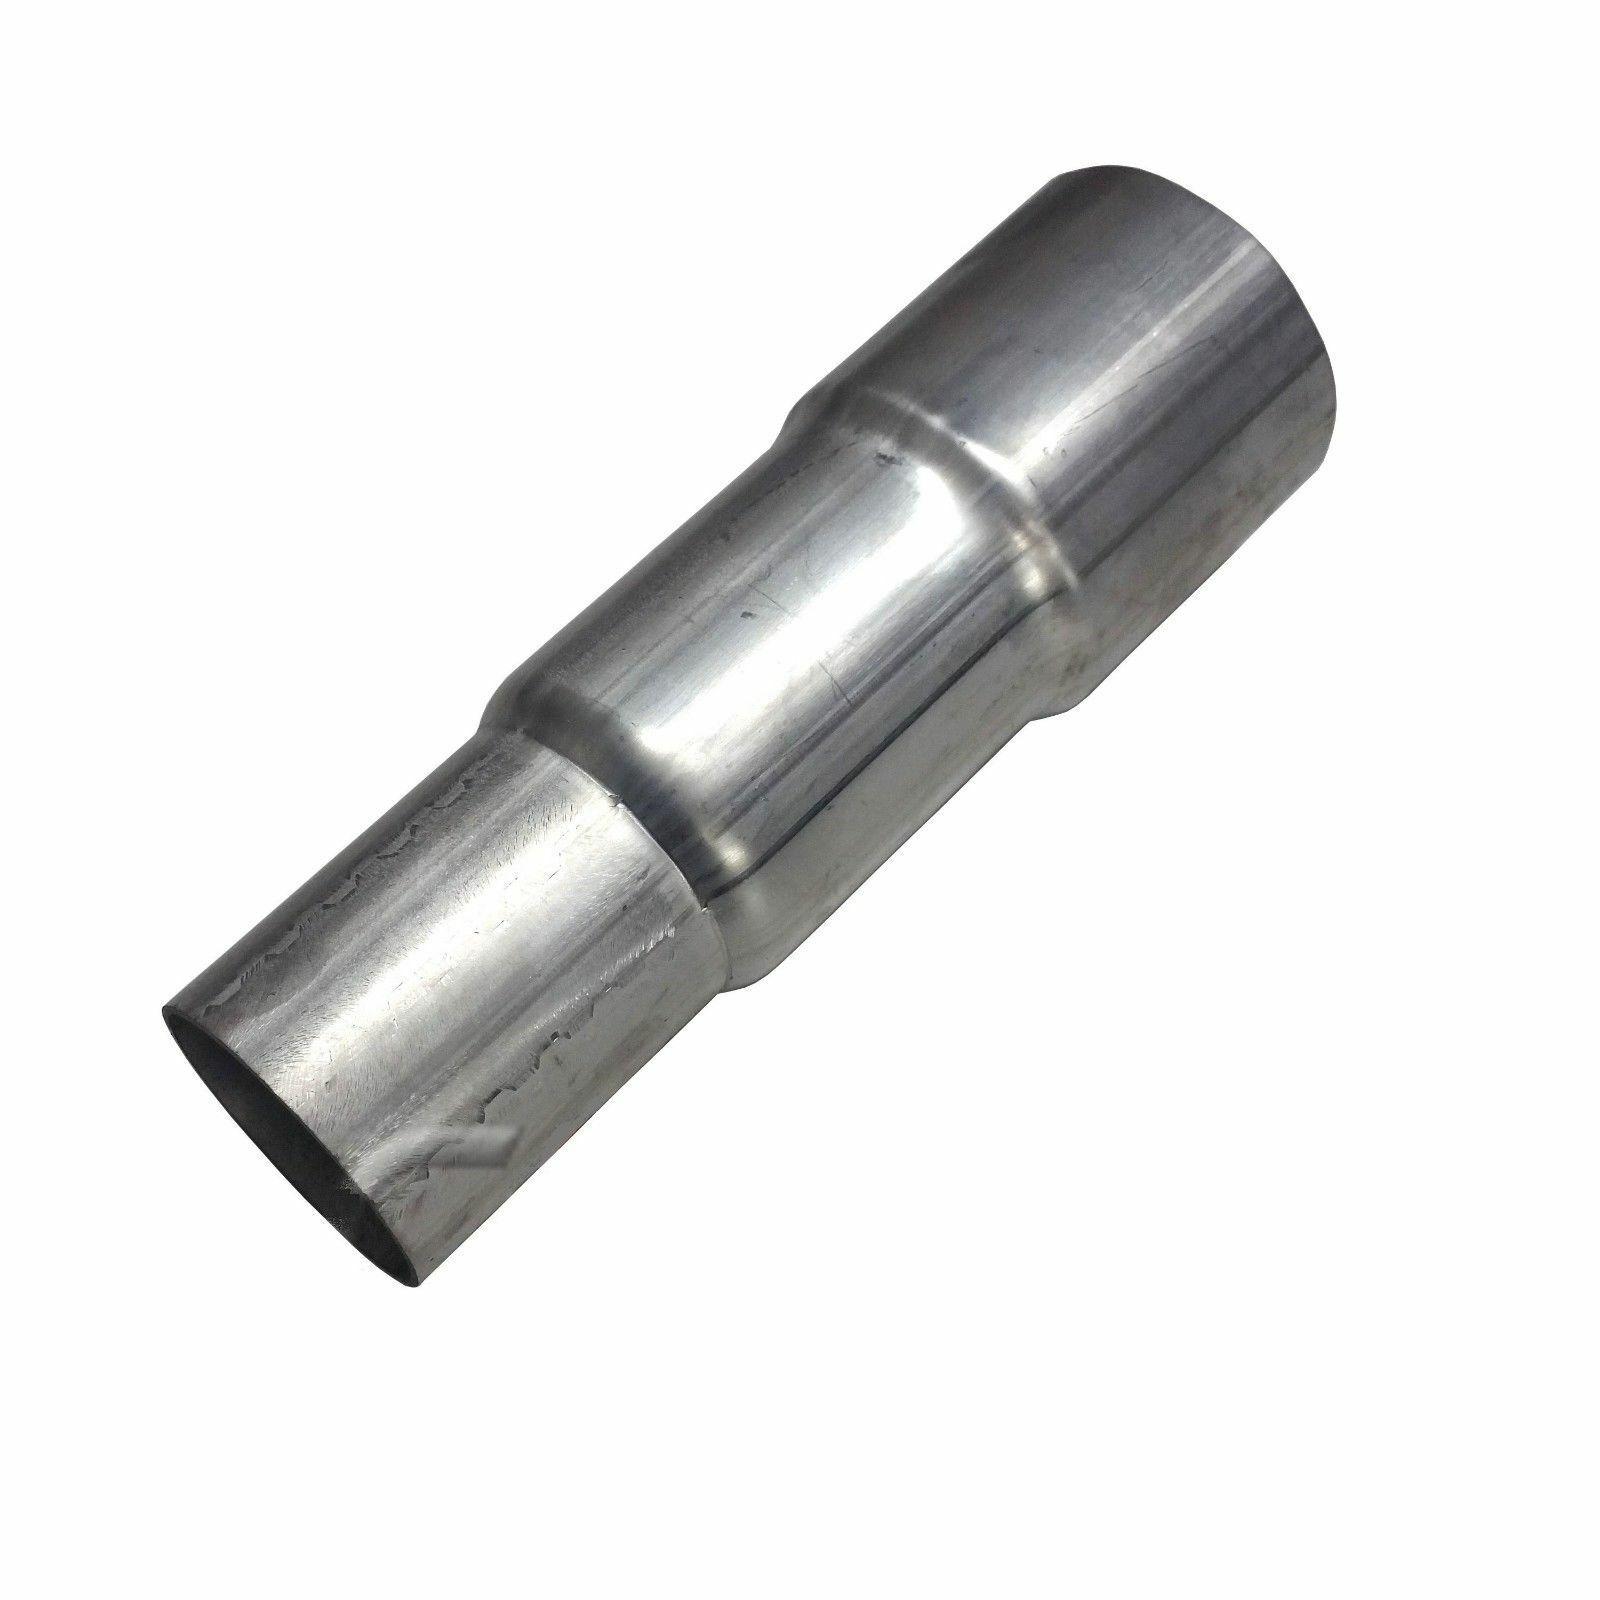 57 mm außen auf 57 mm innen mit Schelle Adapter Auspuff Rohr Reduzierstück